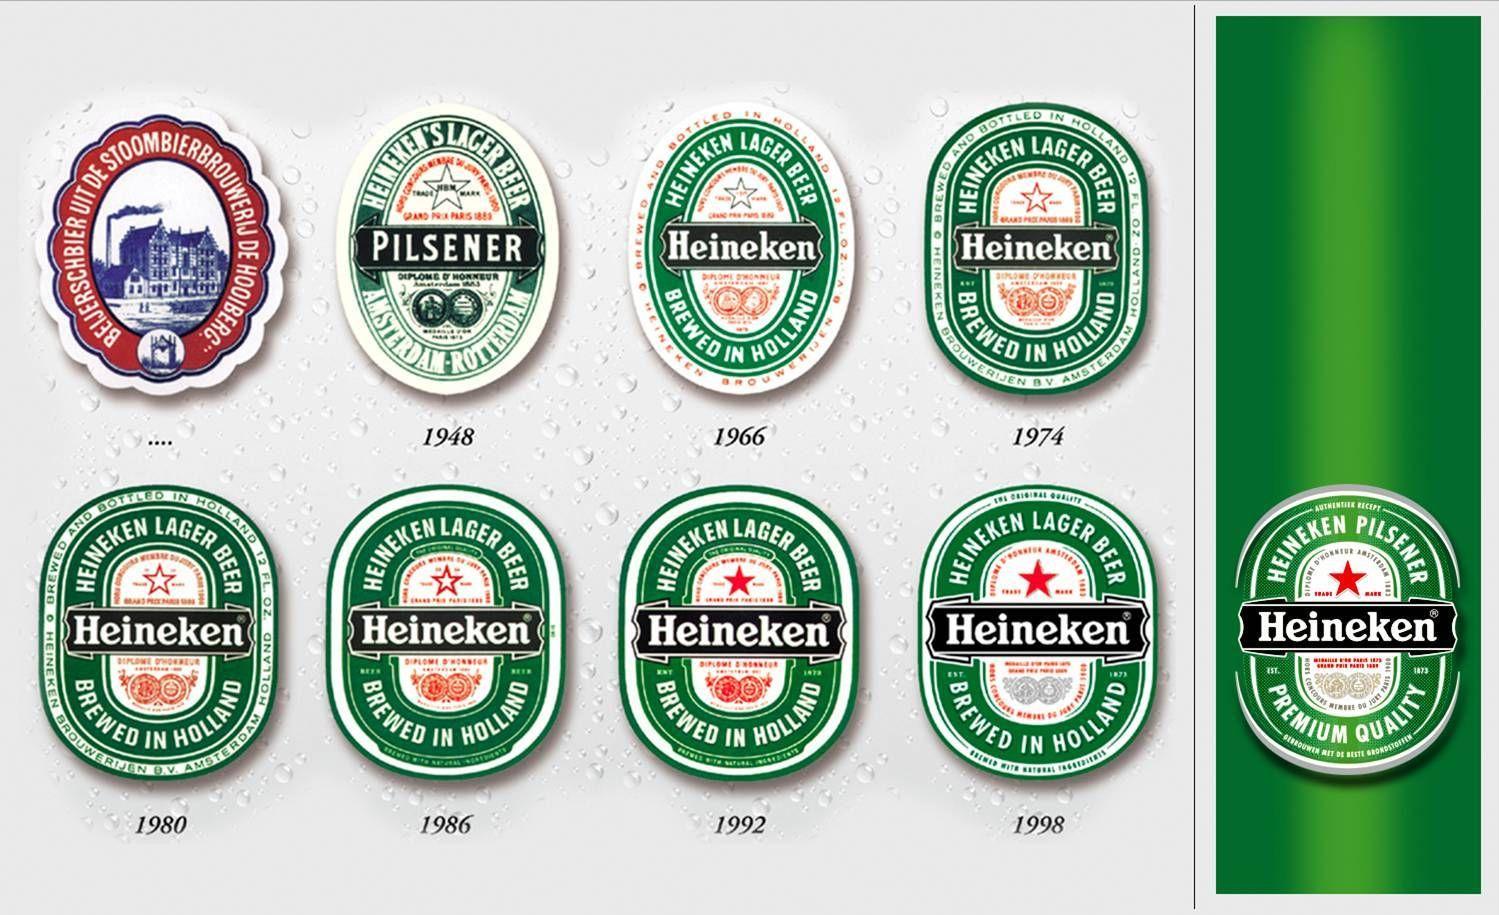 Heineken EST 1873